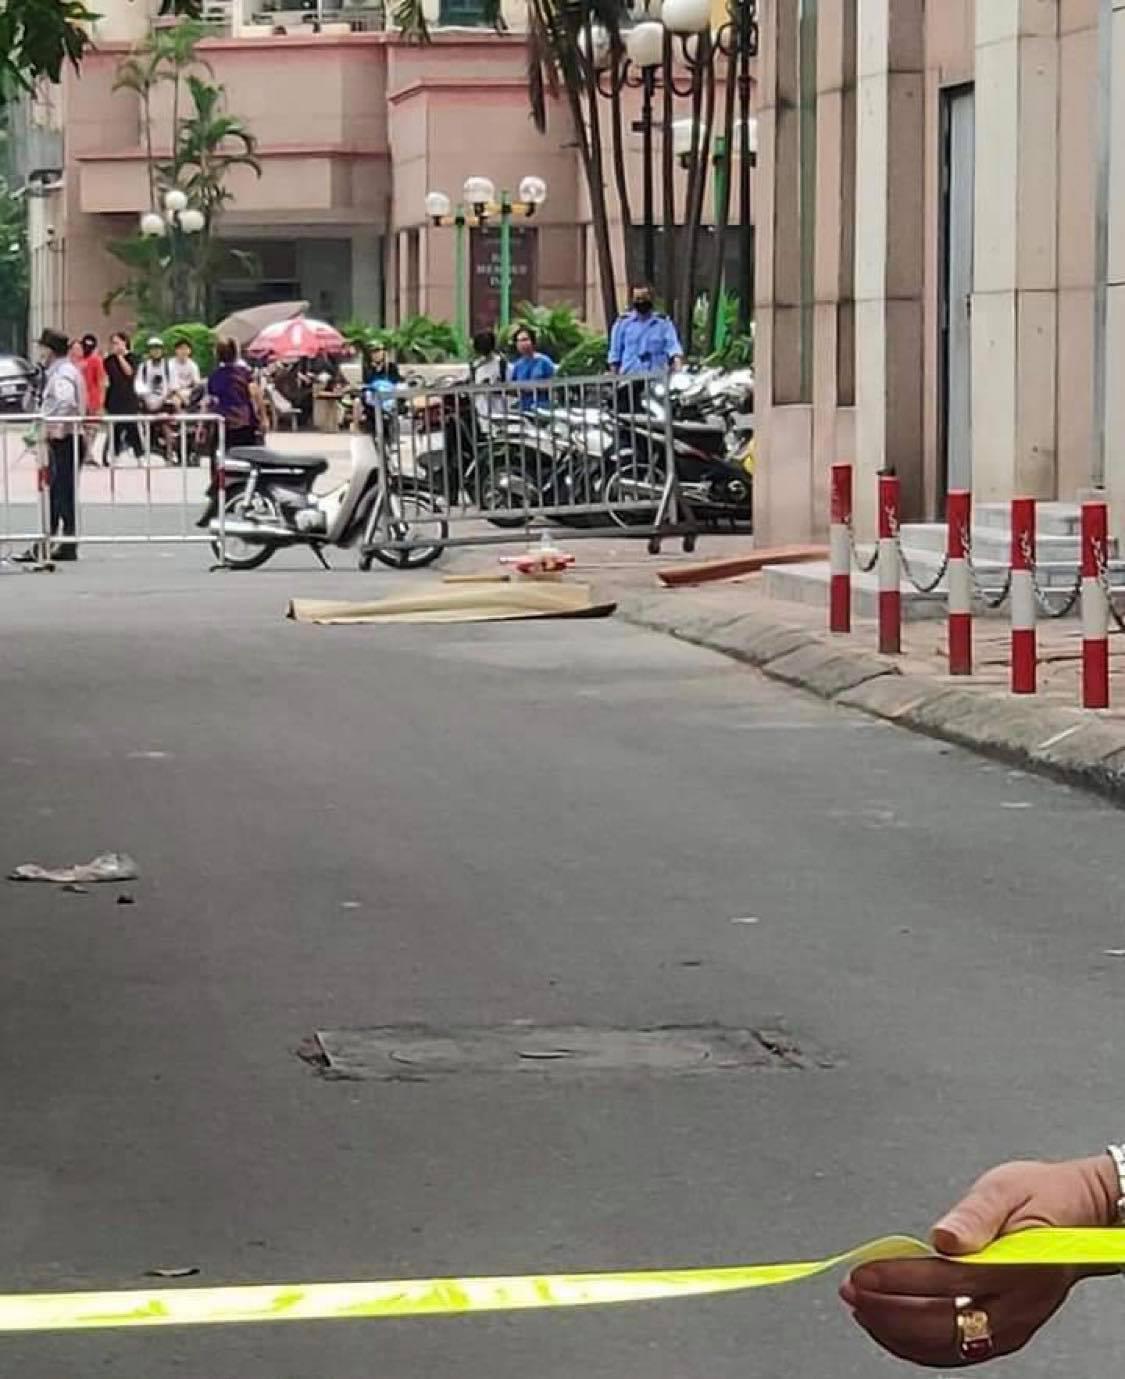 Hà Nội: Bố mẹ đi vắng, bé gái 6 tuổi rơi từ tầng 12 chung cư xuống đất tử vong - Ảnh 2.